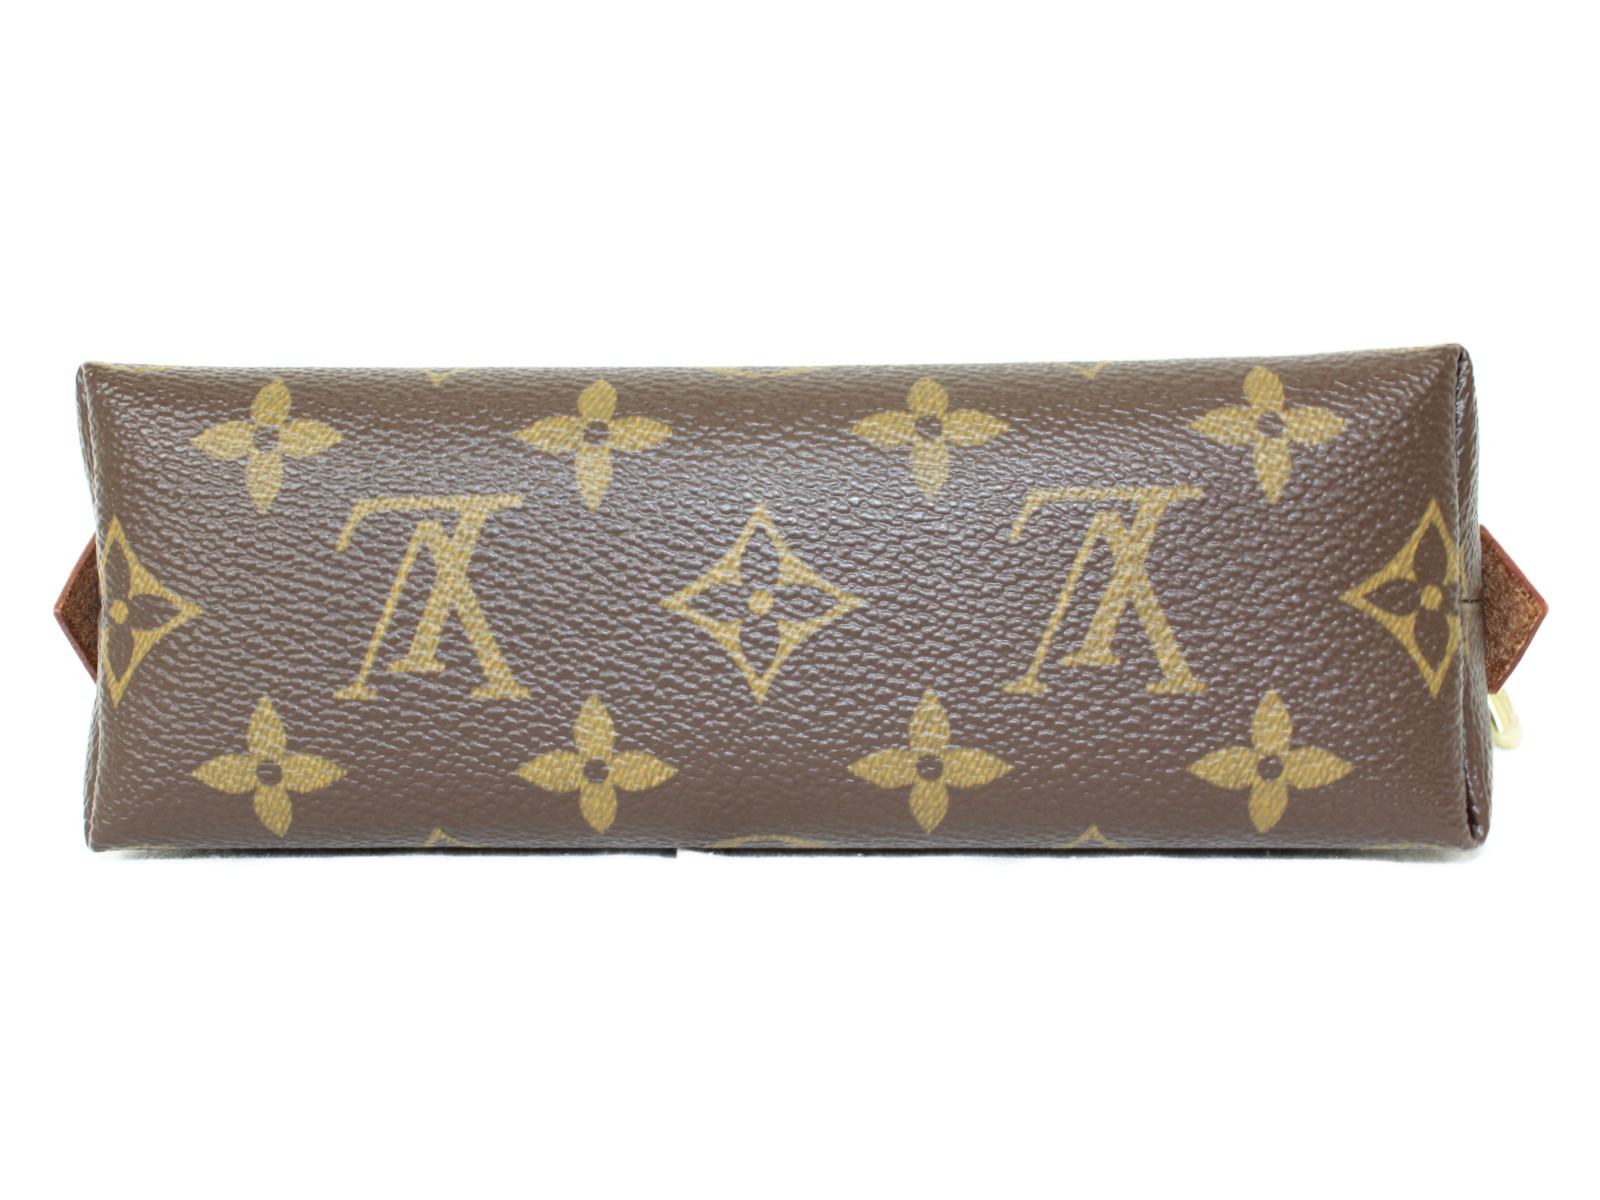 布袋有りLV ポシェット・コスメティック M47515 モノグラム ブラウン×ベージュ キャンバス レディース メイクポーチ プレゼント包装可OkZuPXiT